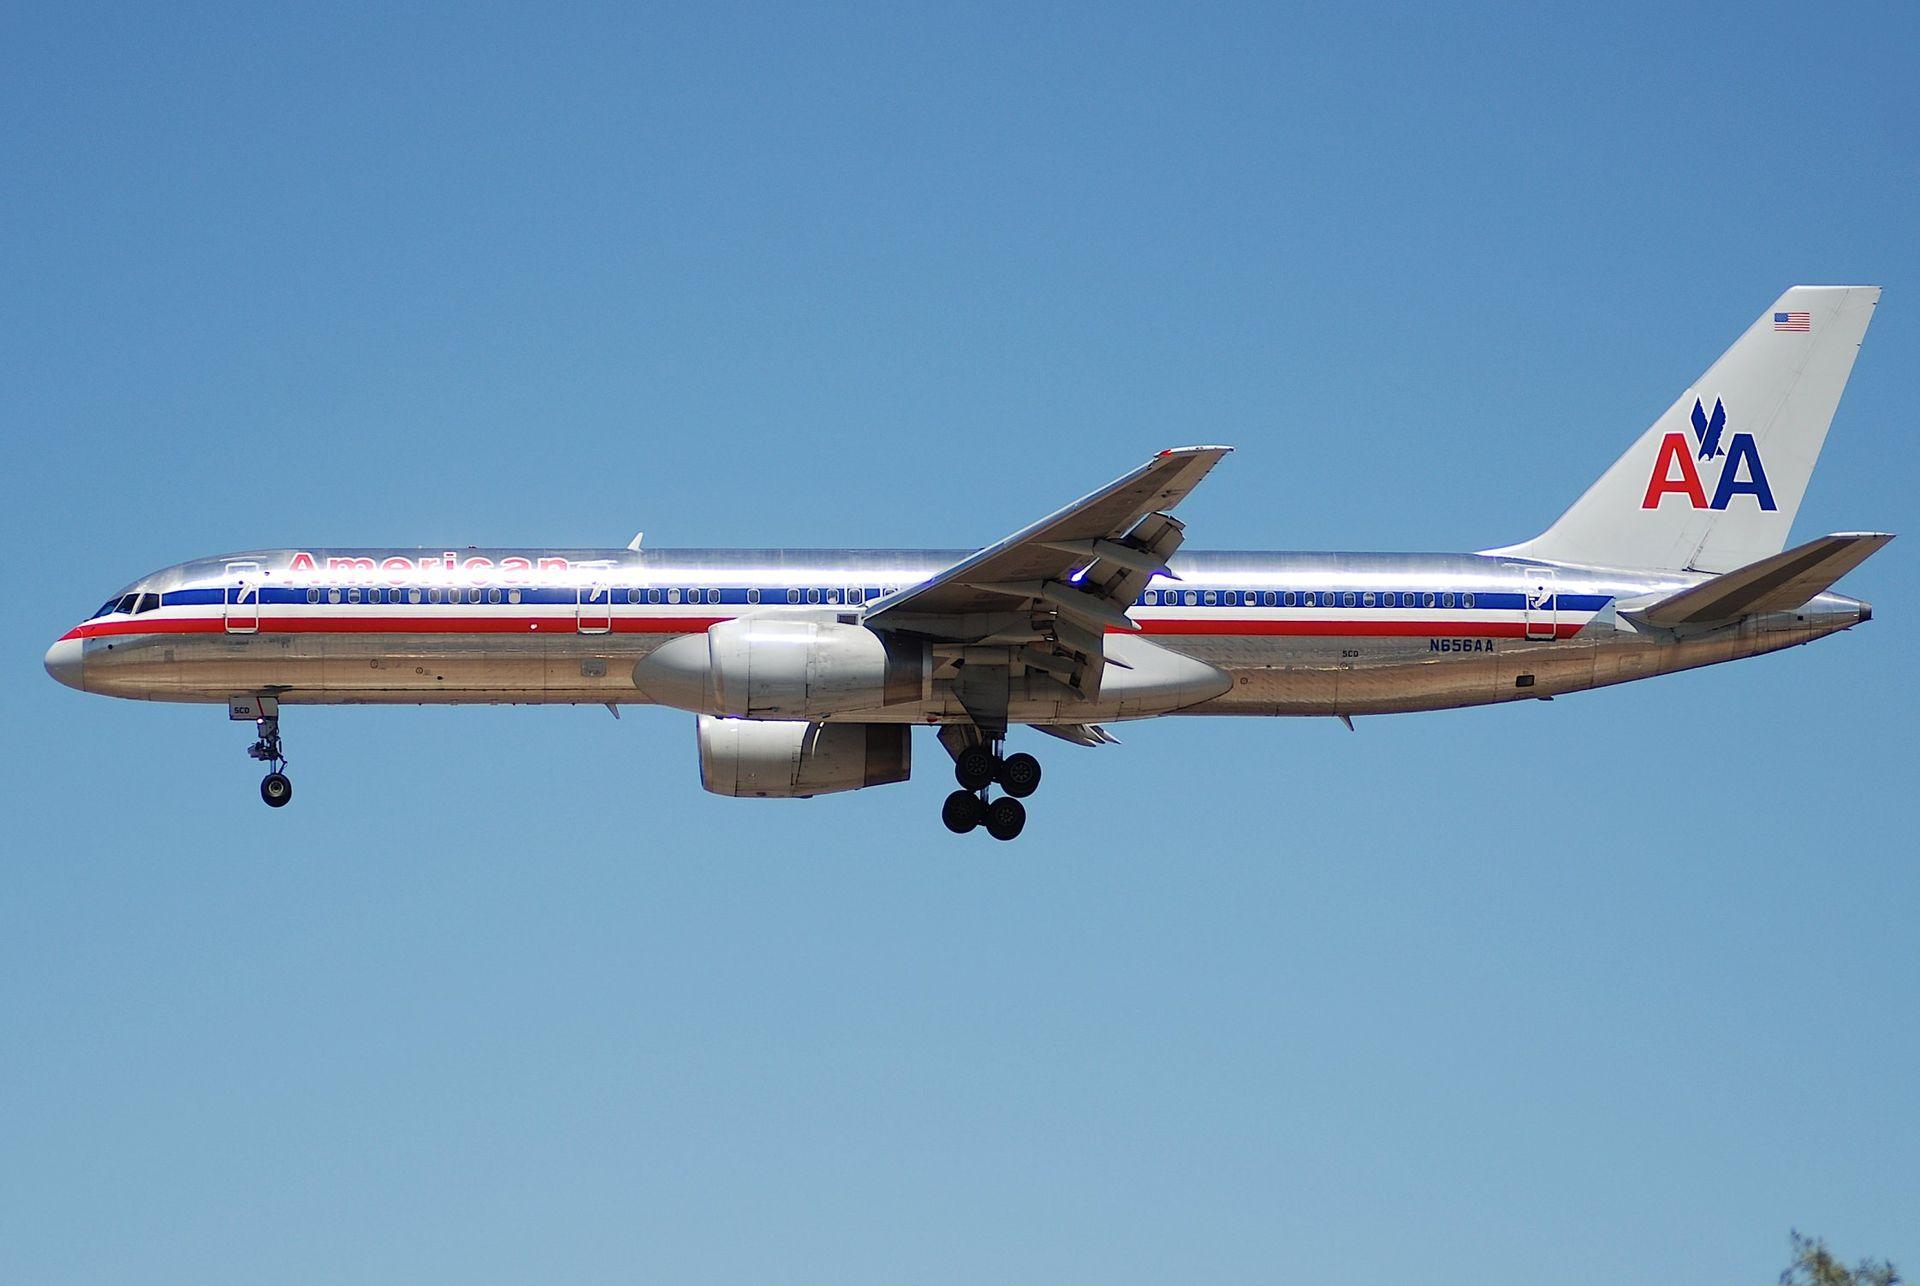 Flug American Airlines Von Gainesville Nach Miami Beach